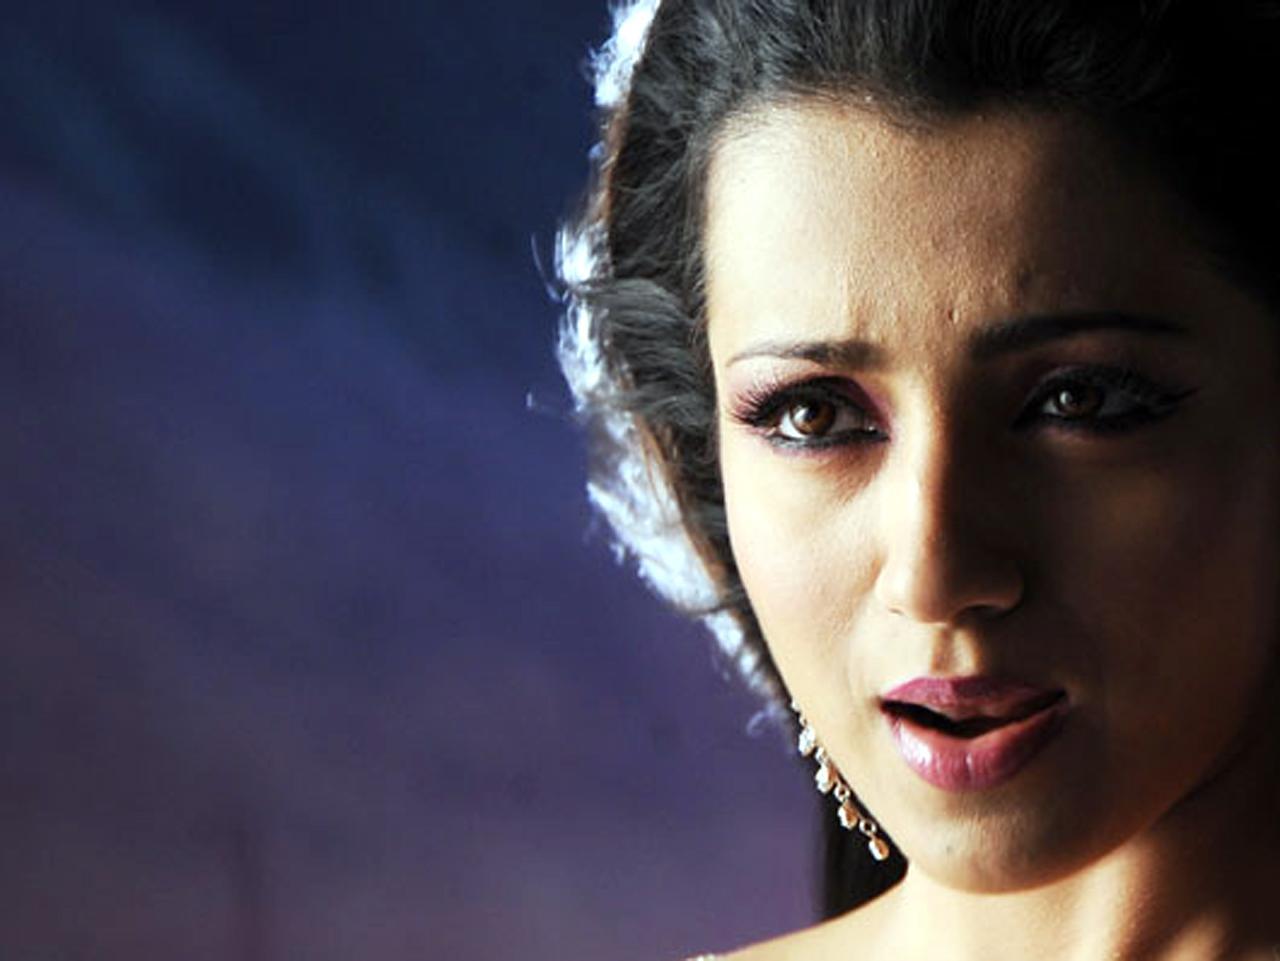 http://1.bp.blogspot.com/-F0wEN9-5ljU/UAvejPoXVXI/AAAAAAAAHw8/sFWwUHcTqcs/s1600/My+Dream+Girl+%27%27Trisha_Krishnan%27%27+%2808%29.jpg